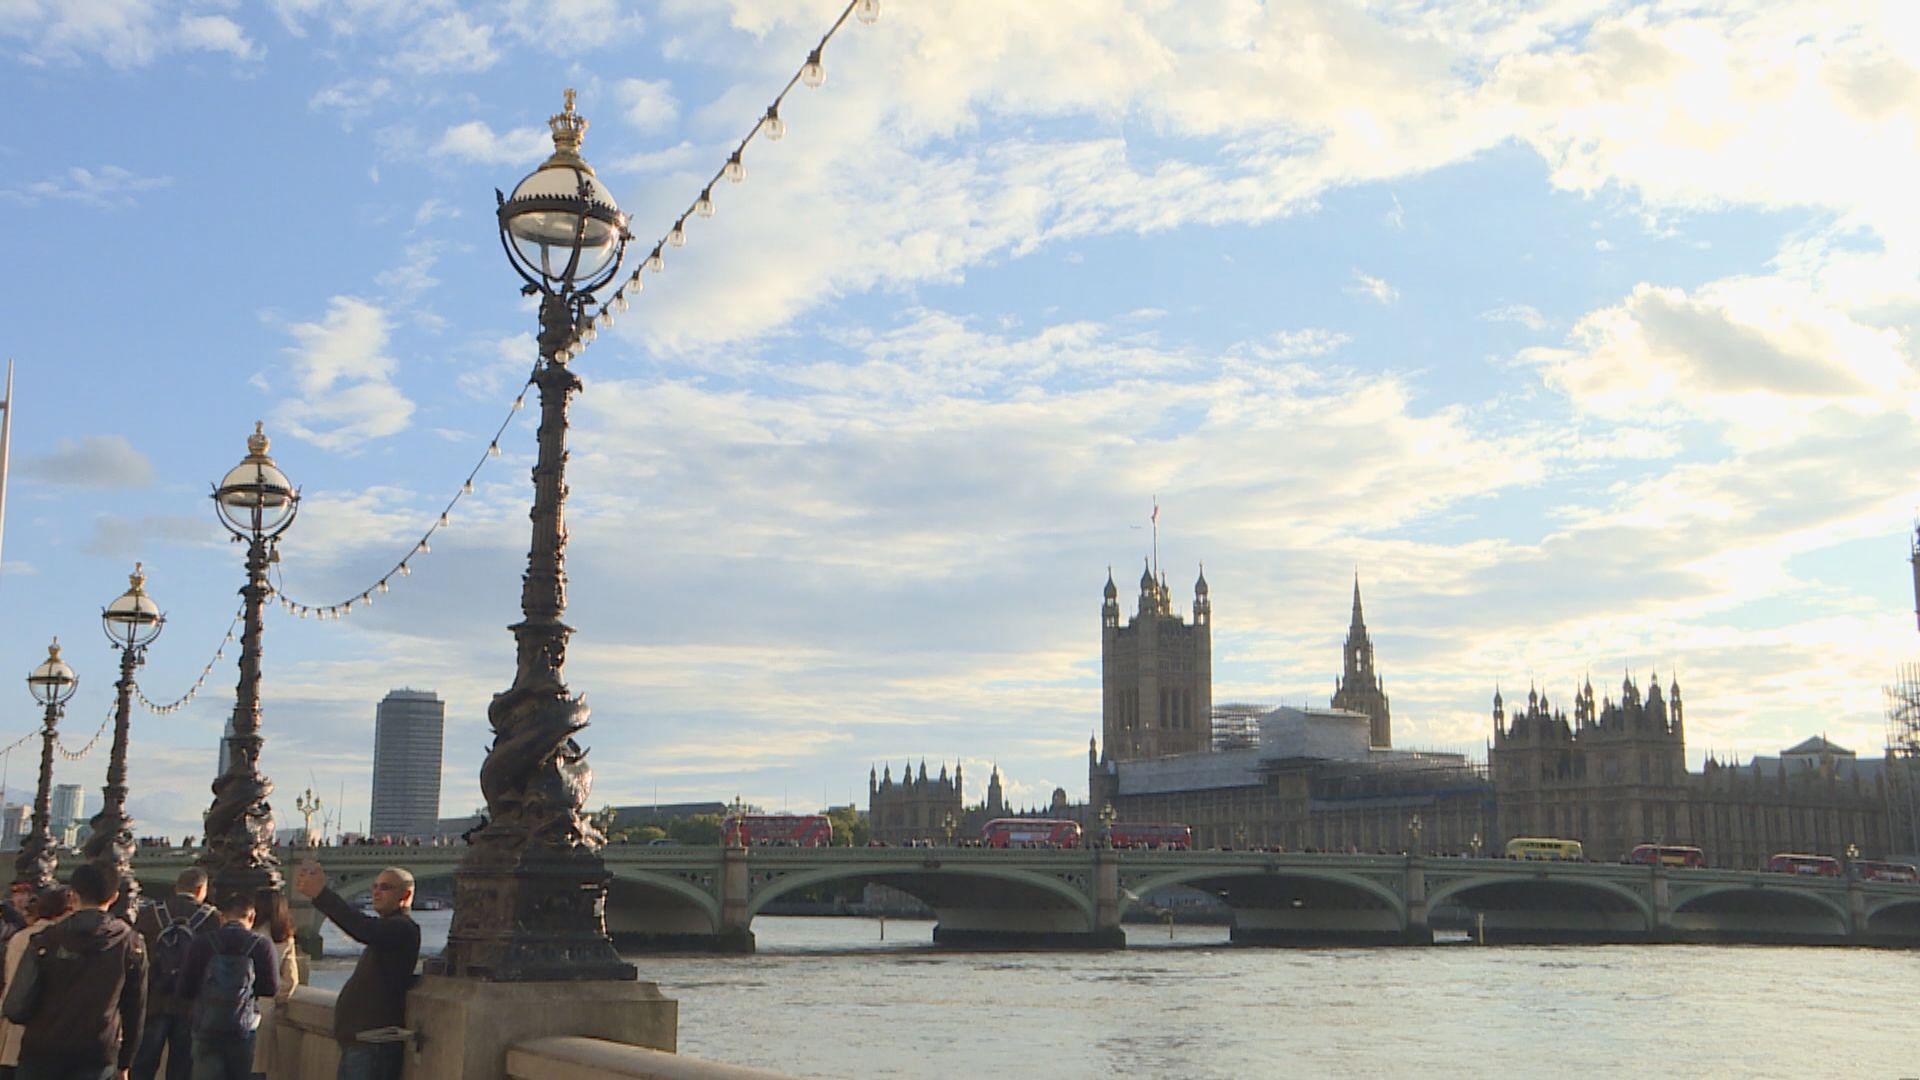 美英兩國貿易大臣開會 同意遏制中國扭曲市場做法